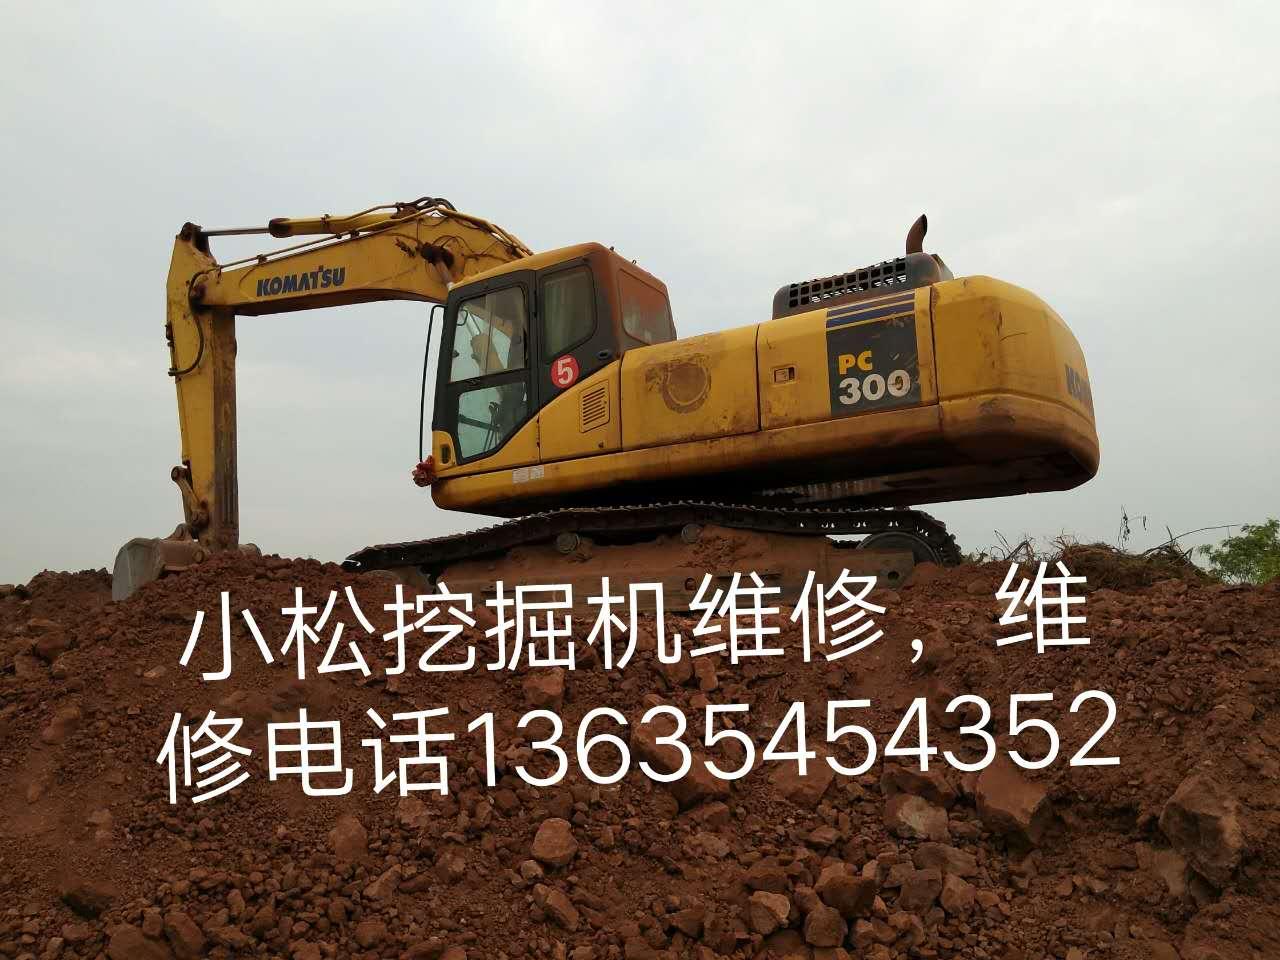 2 如果喷油就是挖机电路问题引起的挖机突然没有动作.